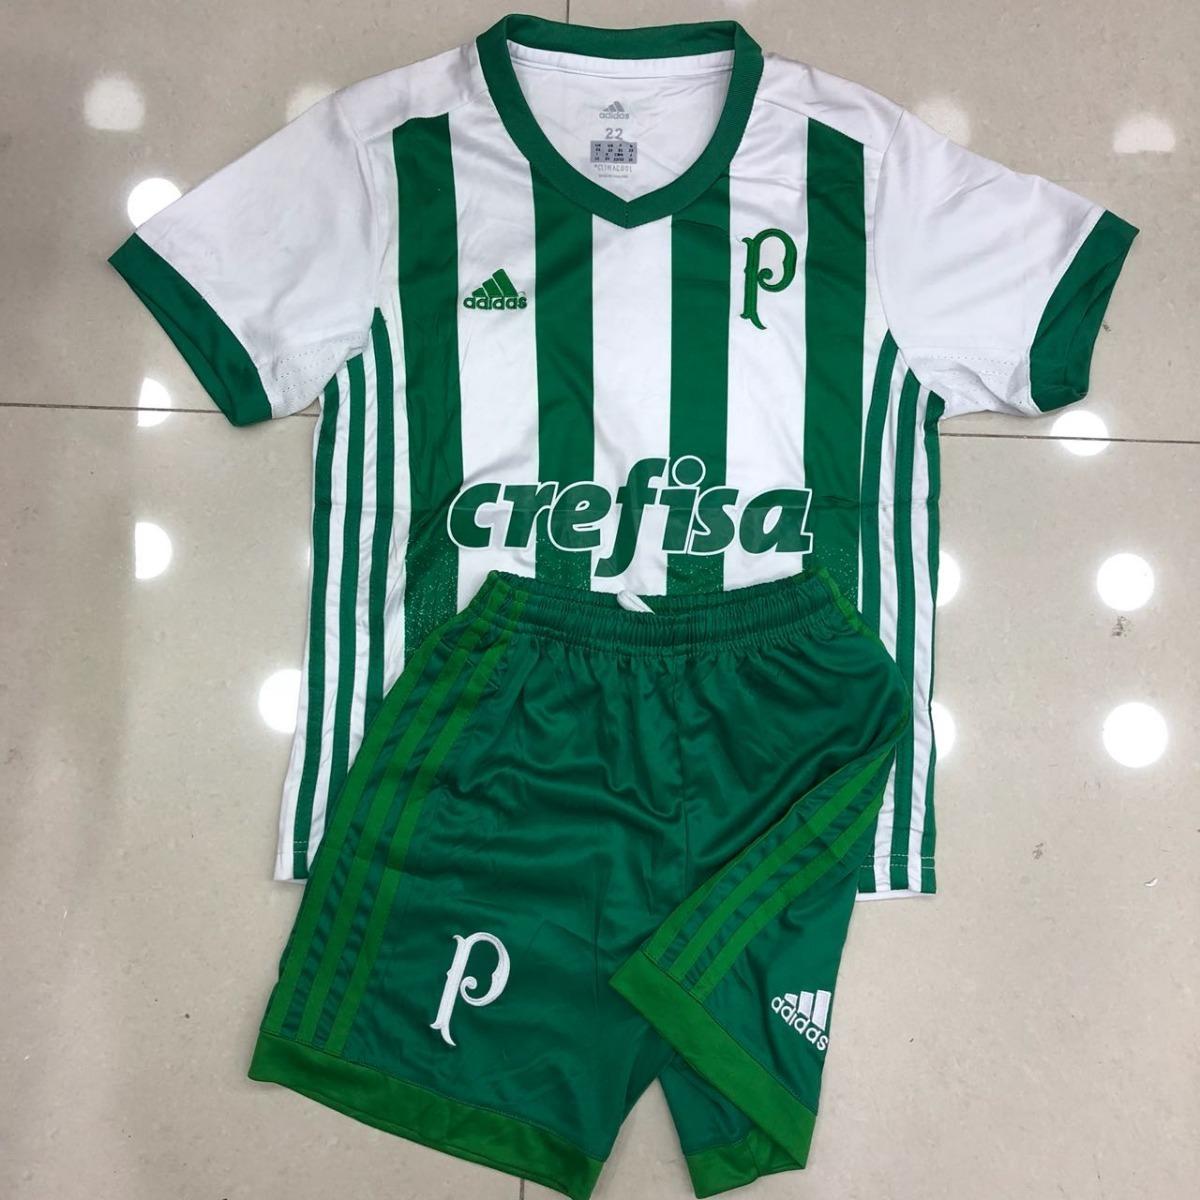 b12b103a39 Camisa E Shorts Uniforme Infantil Palmeiras adidas Verdão - R  160 ...